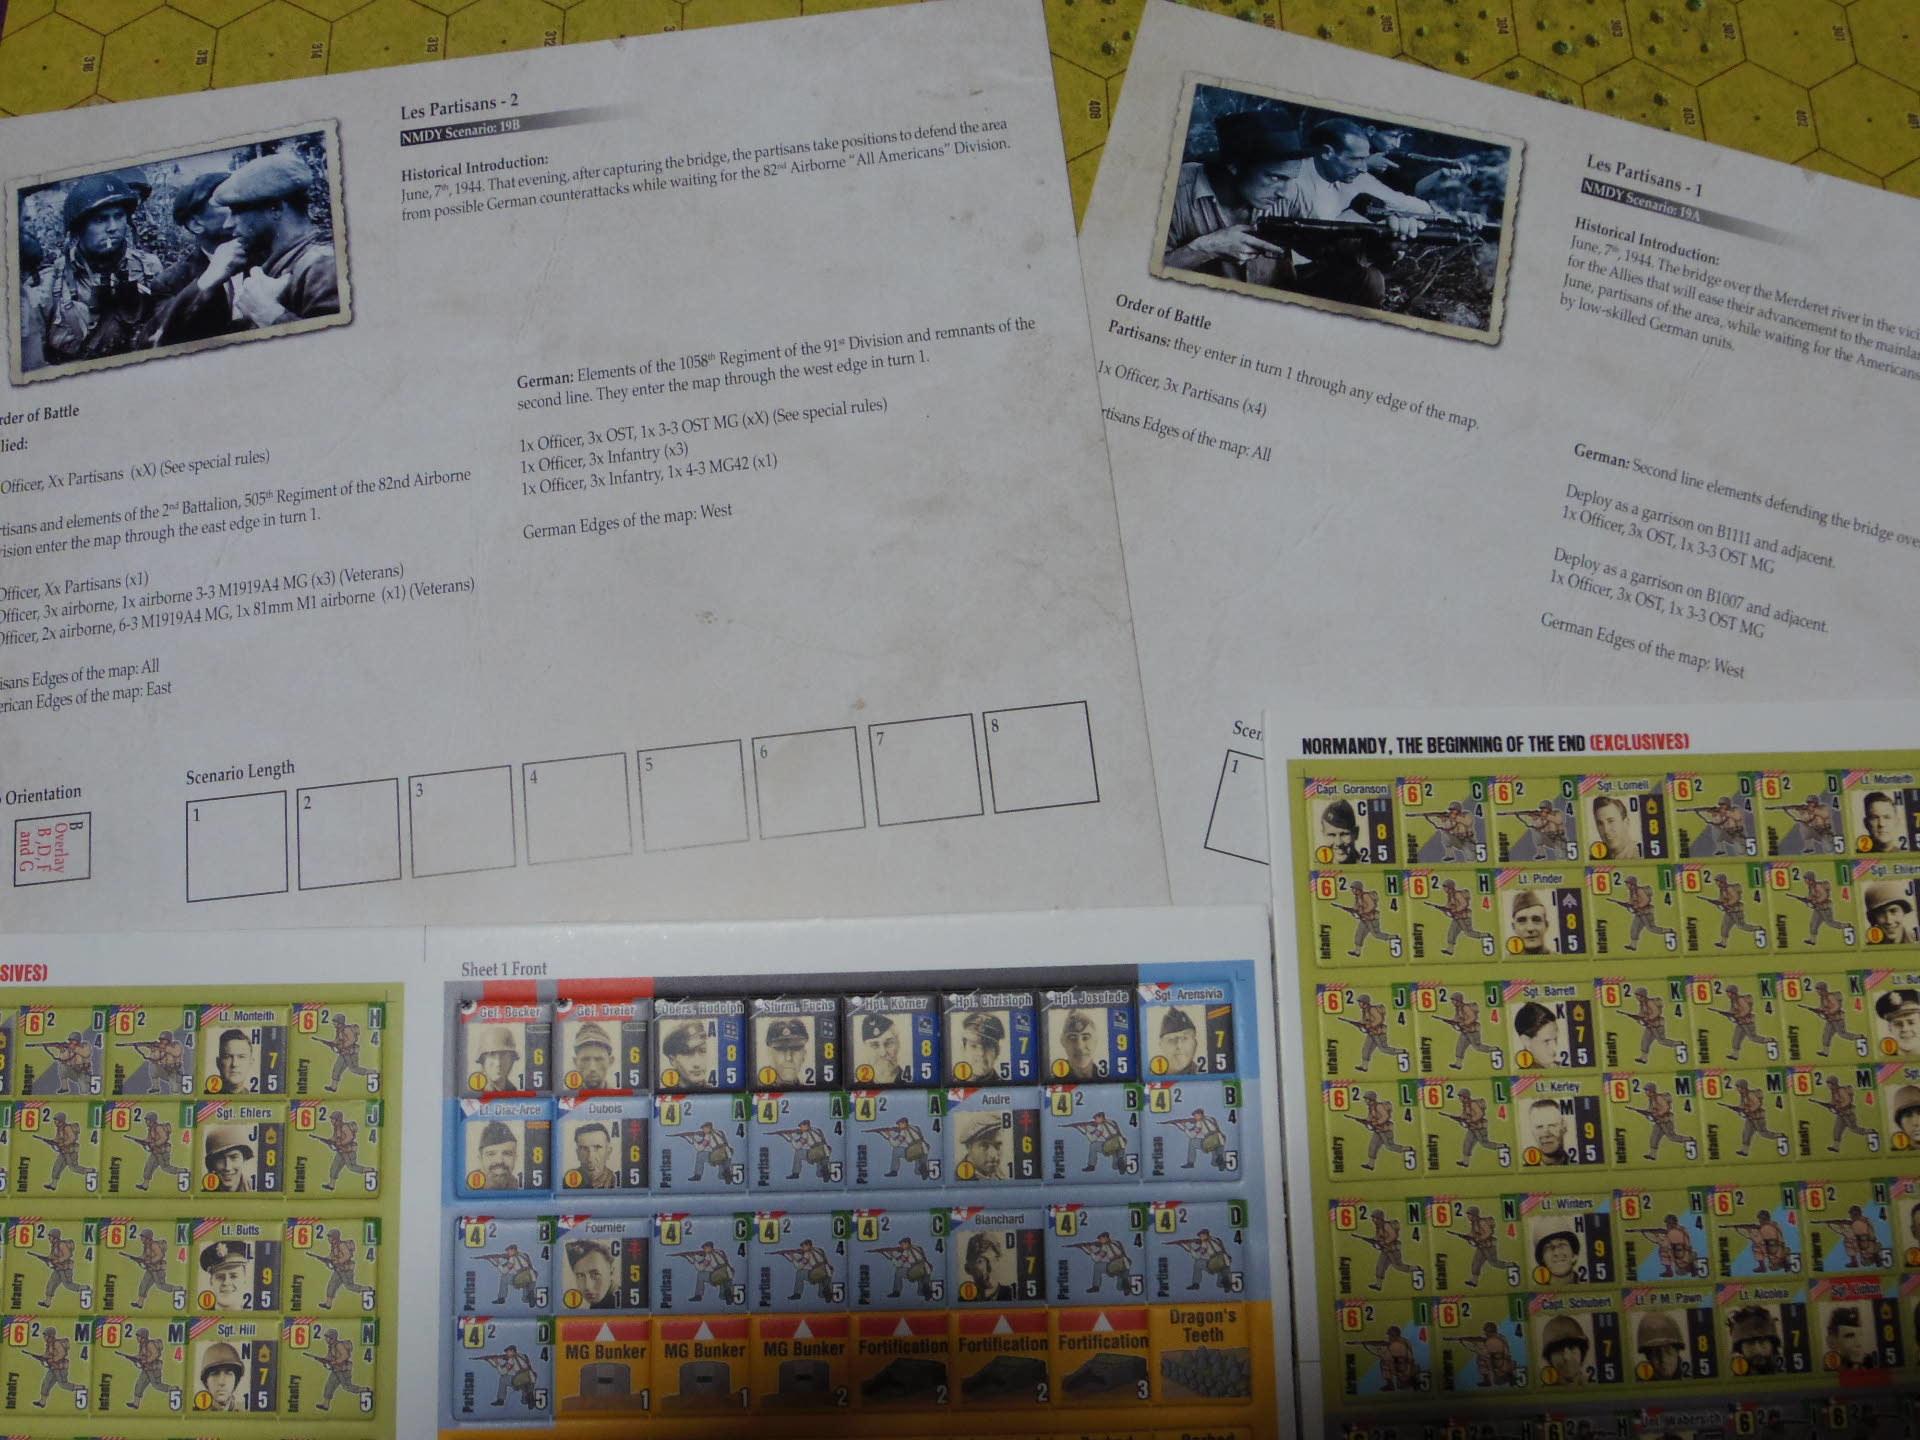 俺をそんなに喜ばすやつがあるか!! (Draco Ideas)Normandy:The Beginning of the Endの初期出資者特典シナリオ「レジスタンス1、2」の為のオスト大隊ユニット_b0173672_22300541.jpg